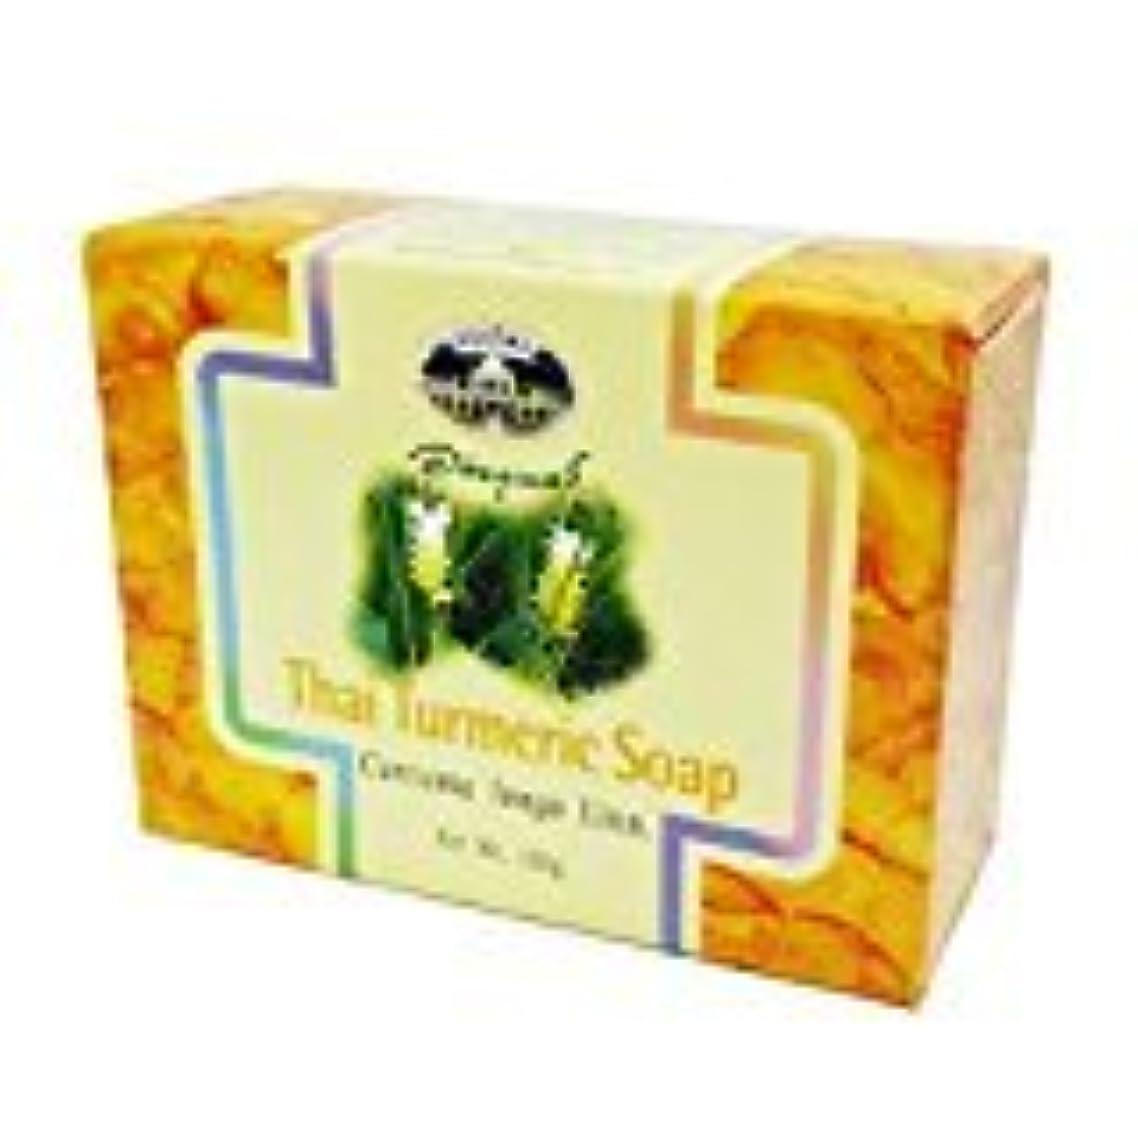 先生経過マオリウコン石けん abhaibhubejhr Turmeric soap 100g